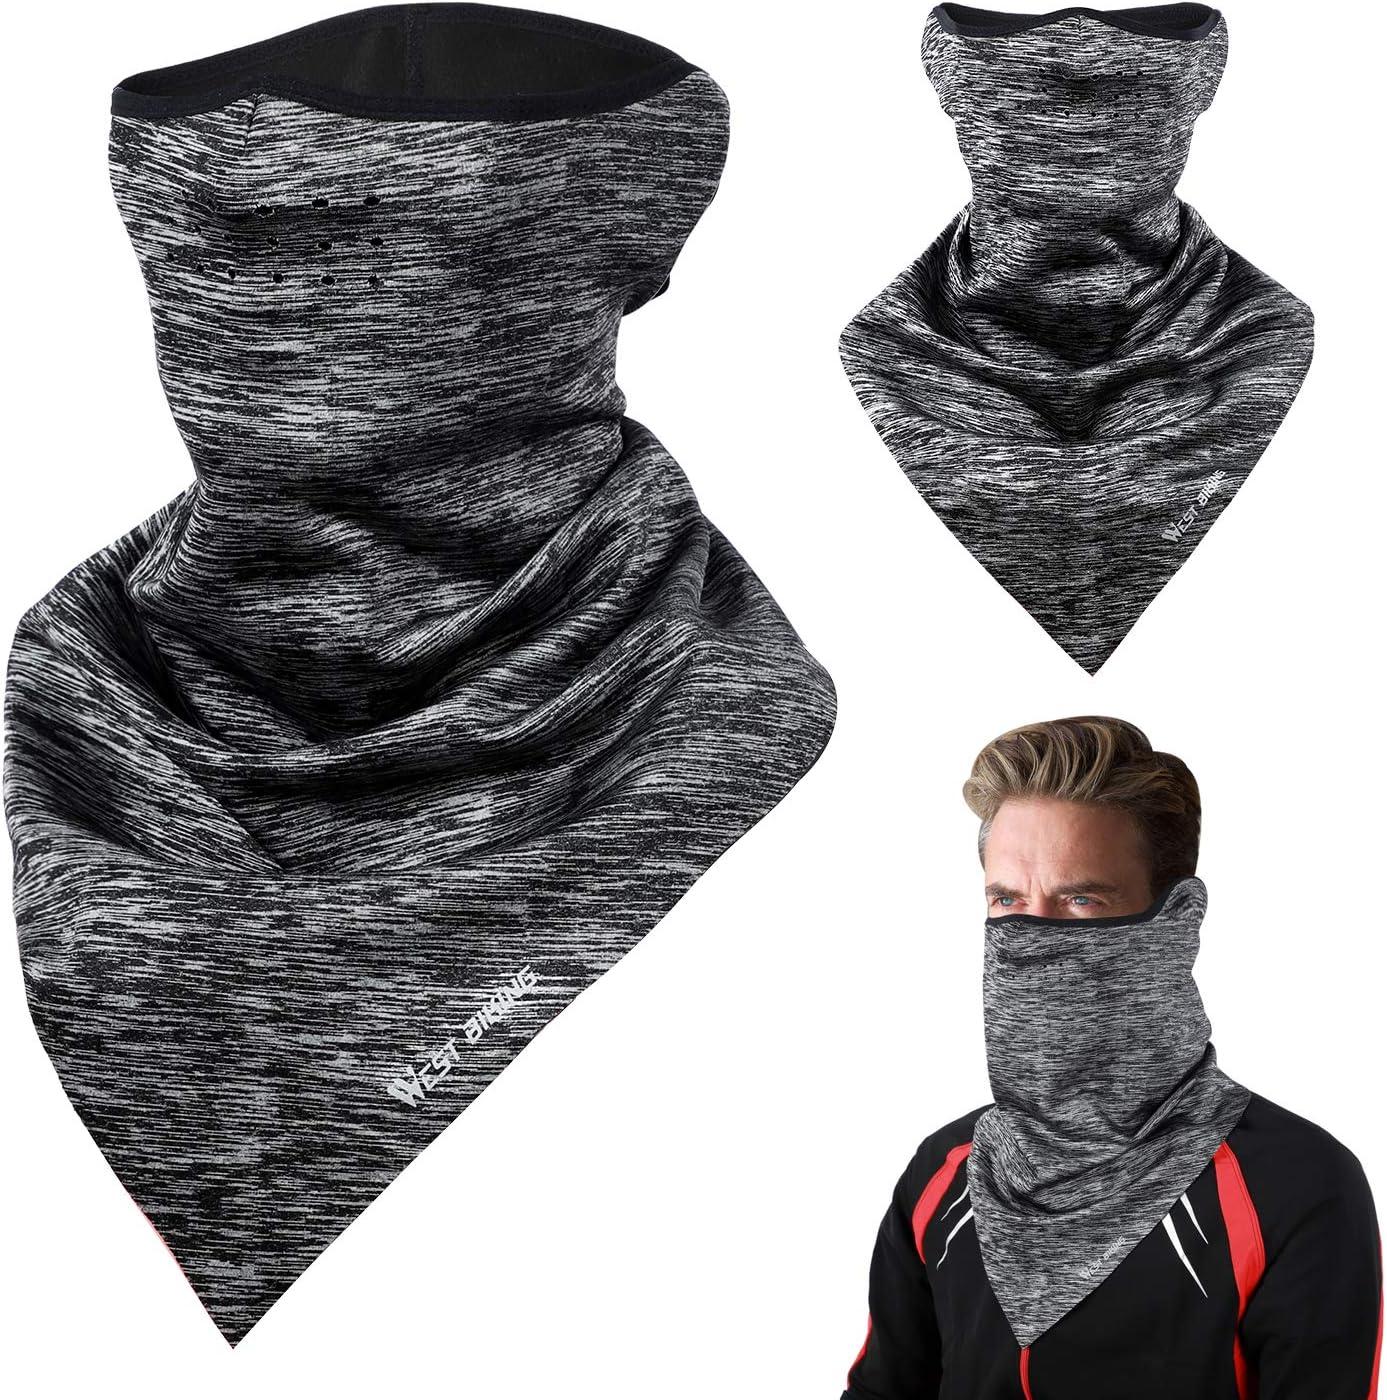 LuTuo Winter-halbe Gesichtsmaske Halsw/ärmer halbe Sturmhaube,Radfahren Halstuch,Skifahren-Dreieck-Halstuch,Warm halten,Reflektierendes Logo Design,Unisex Schleier